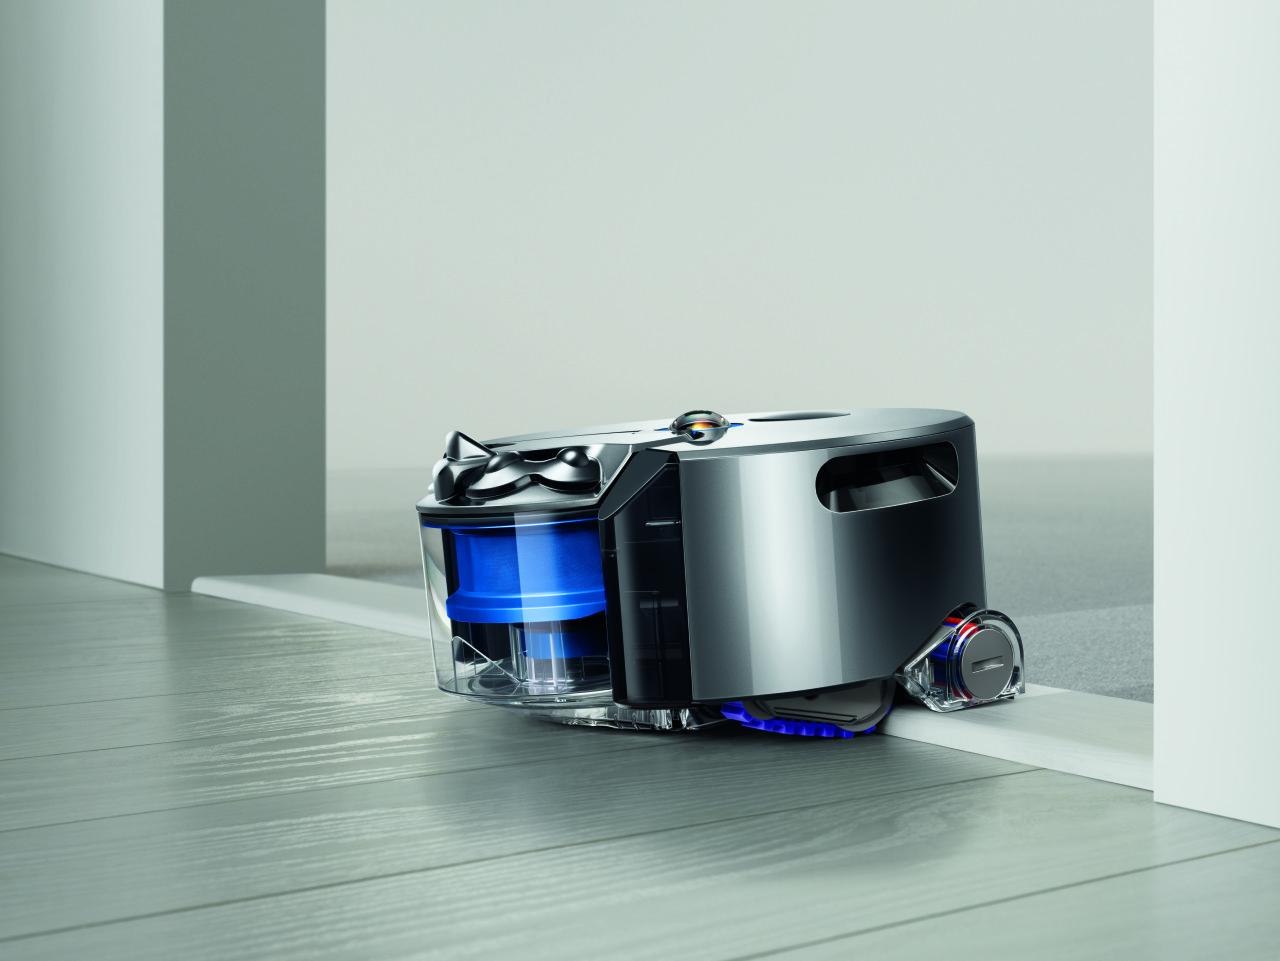 dyson-360-eye-robot-aspirateur-chenilles